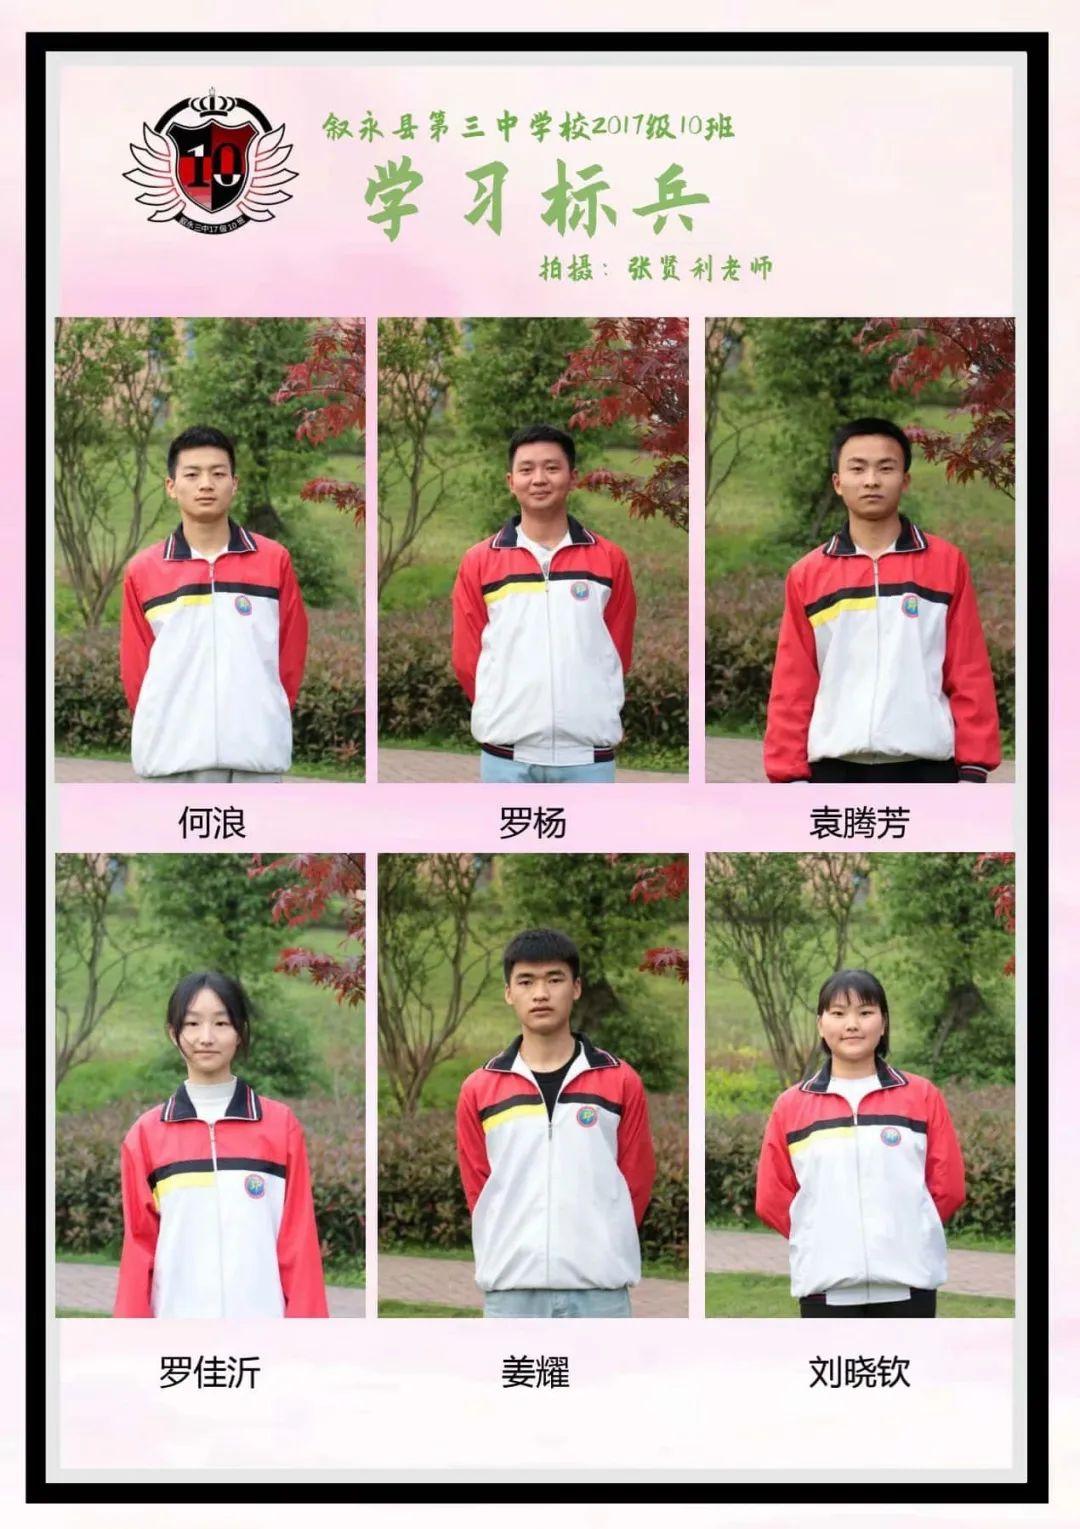 再见,云涛之家—叙永三中17级10班毕业纪念 叙永三中 第19张